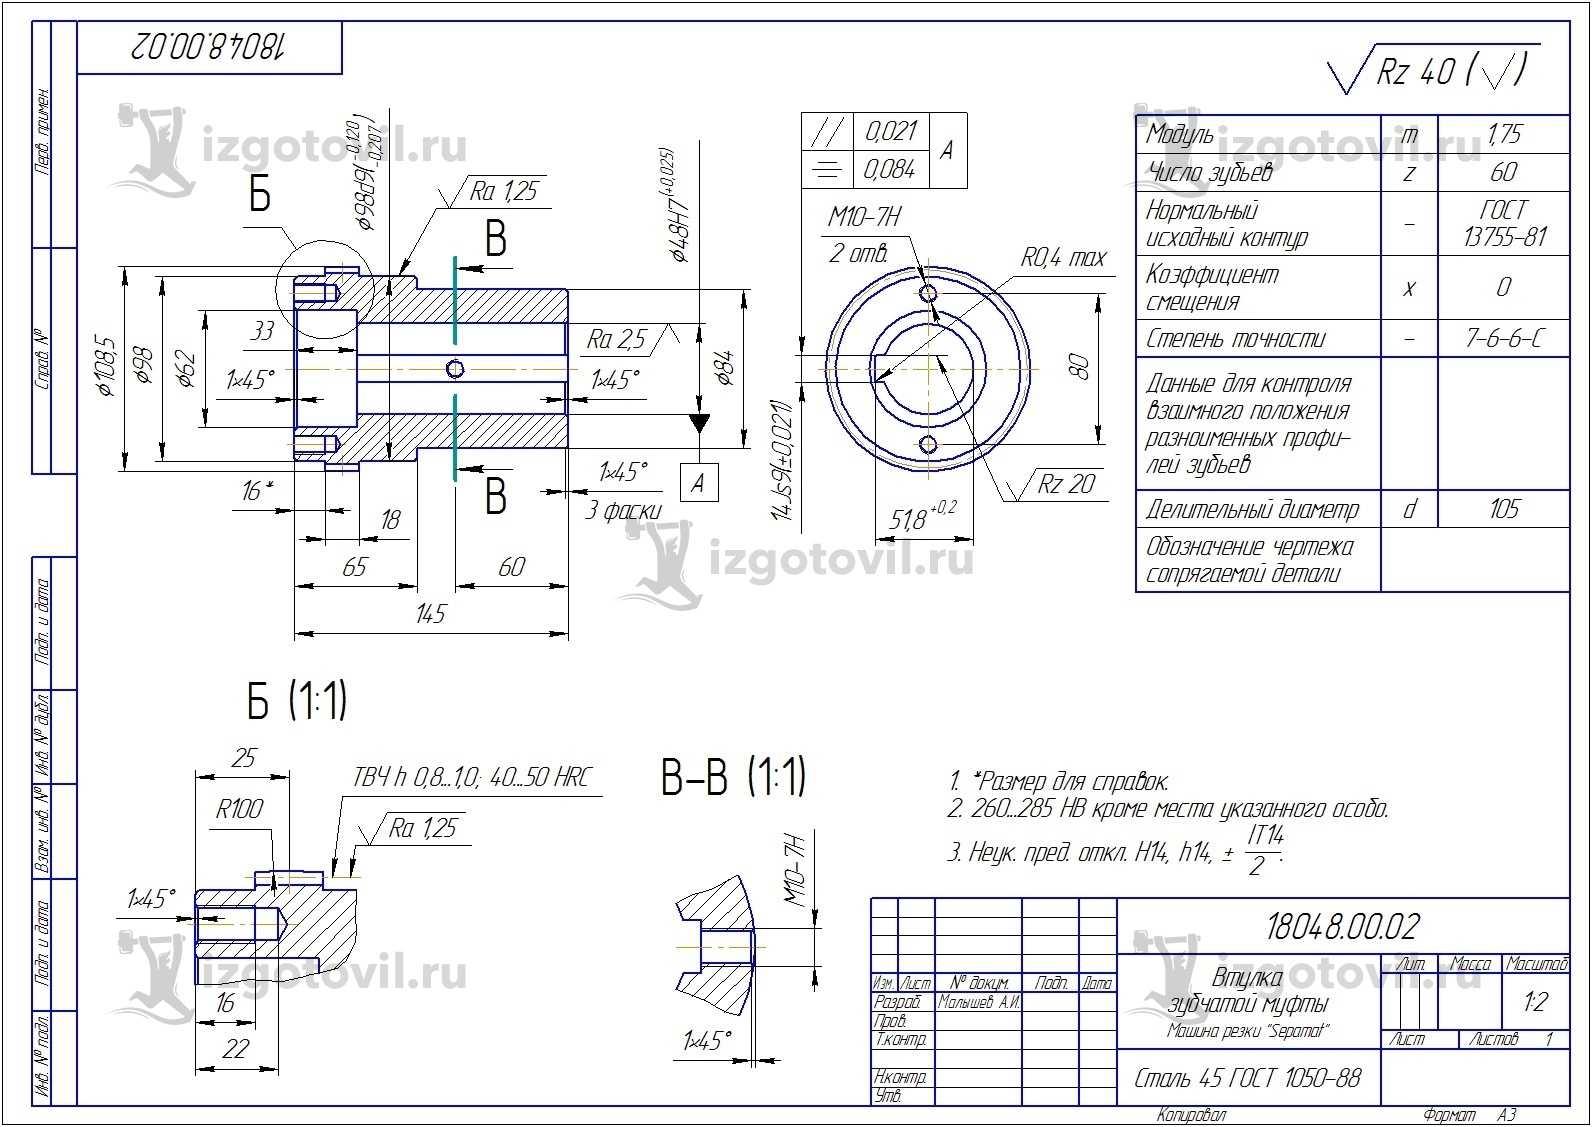 Изготовление цилиндрических деталей (втулка зубчатая, обойма)